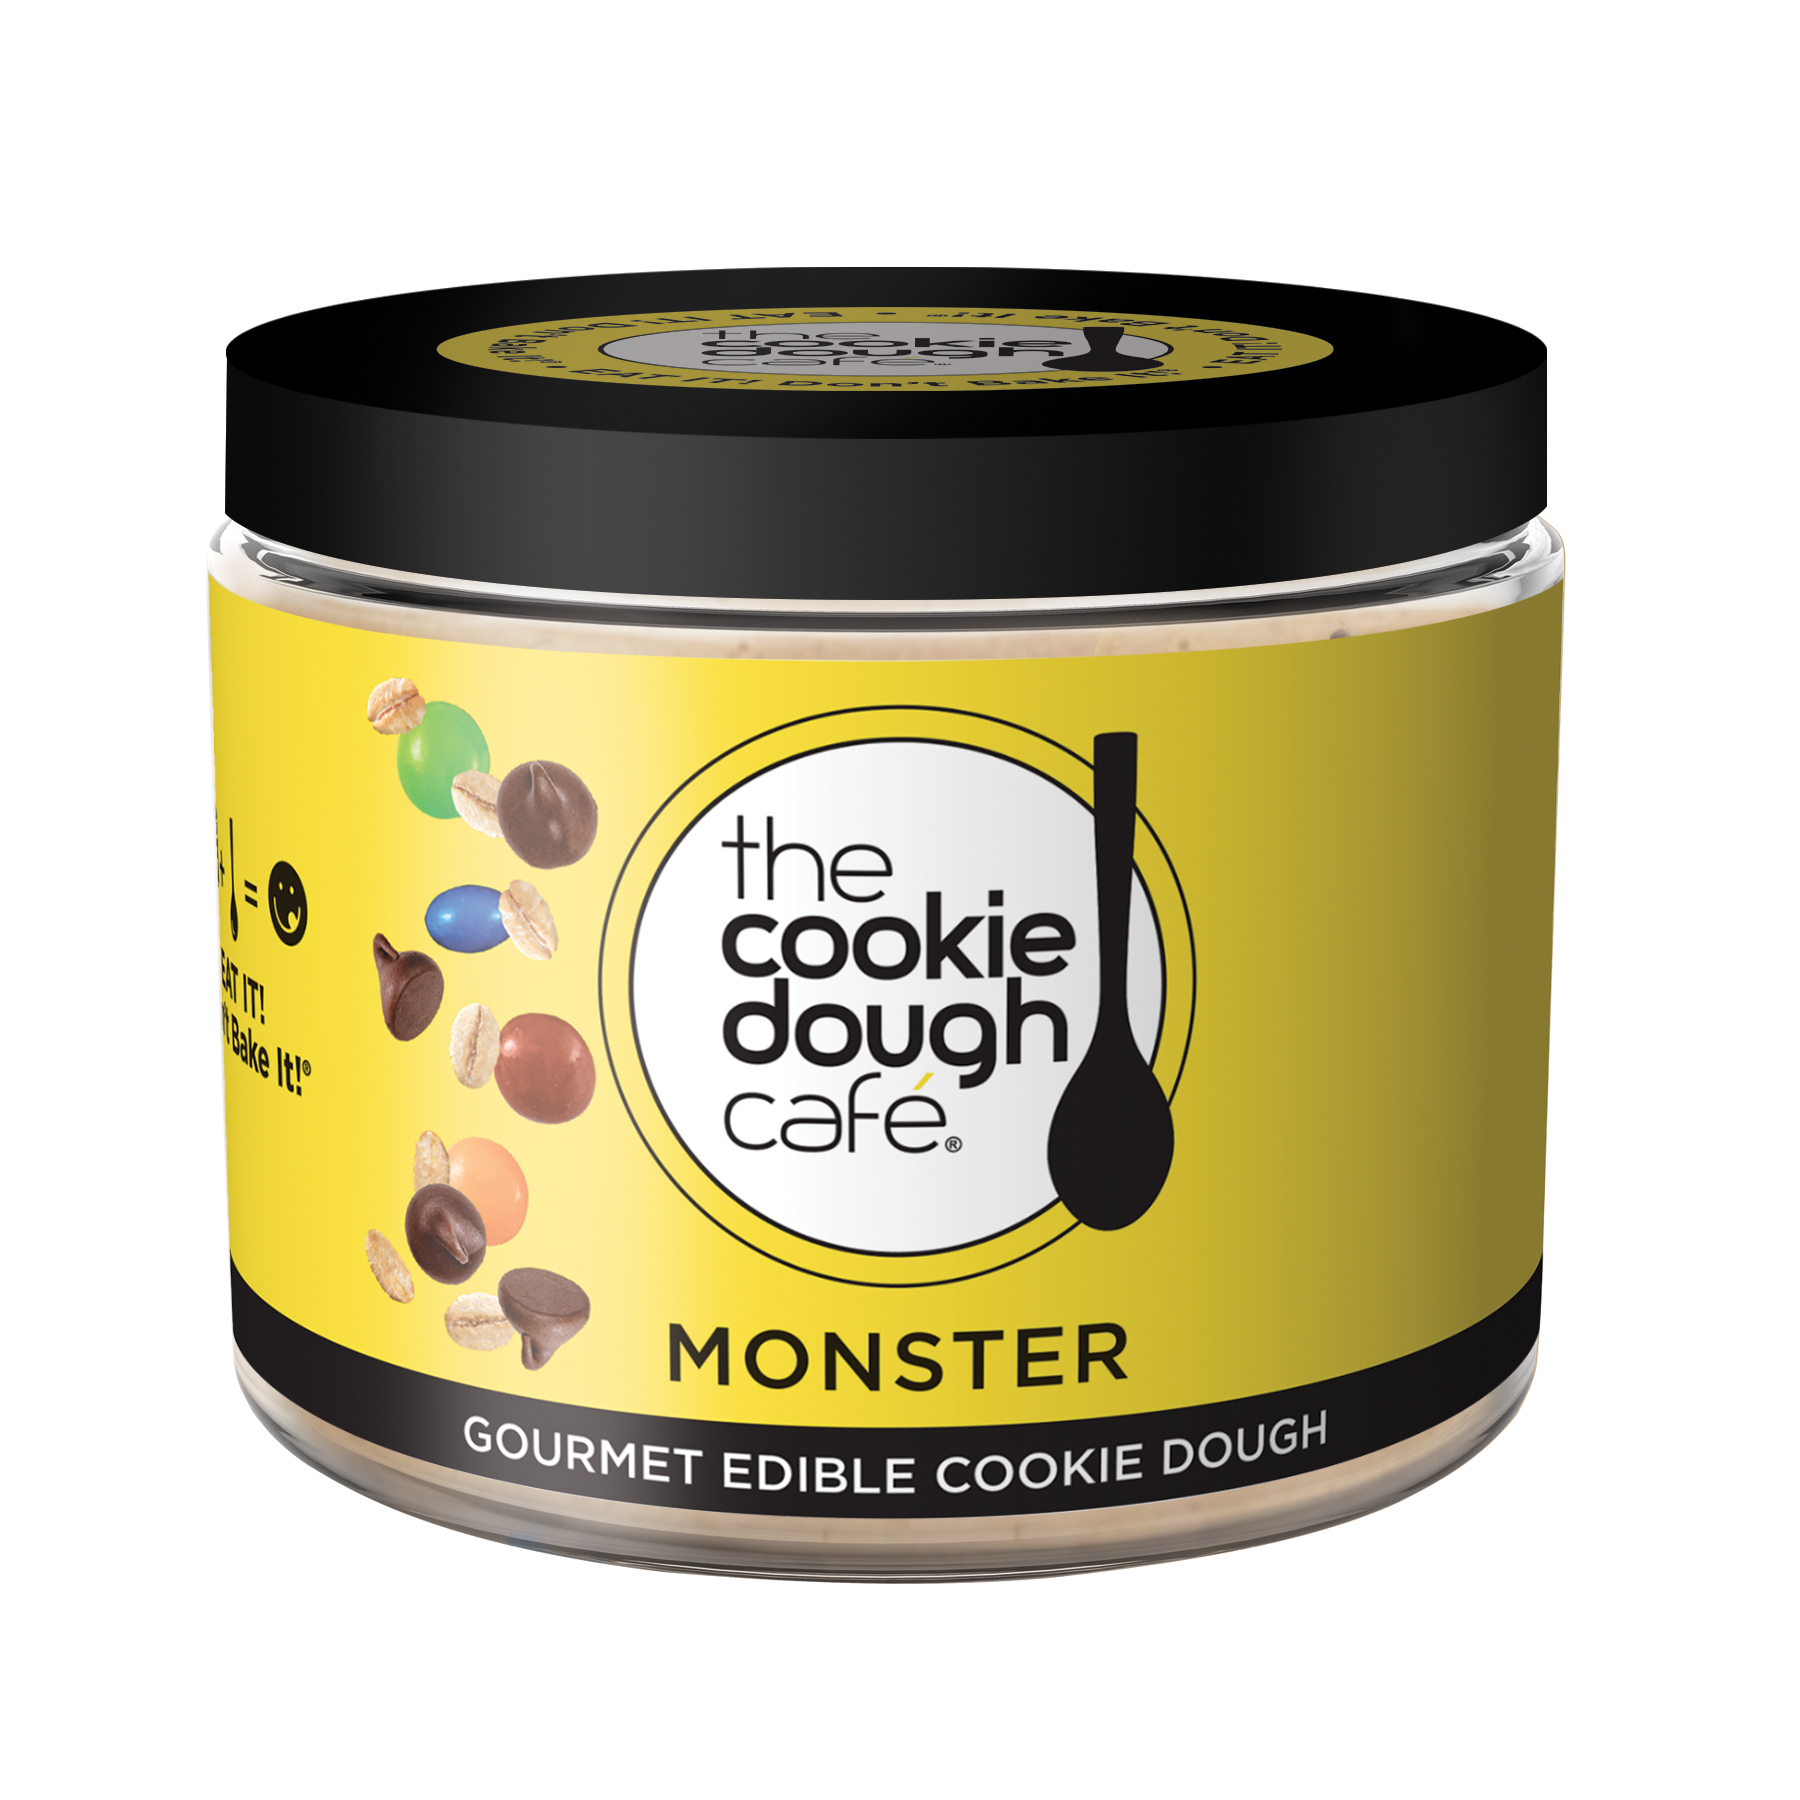 Monster Pint 5020